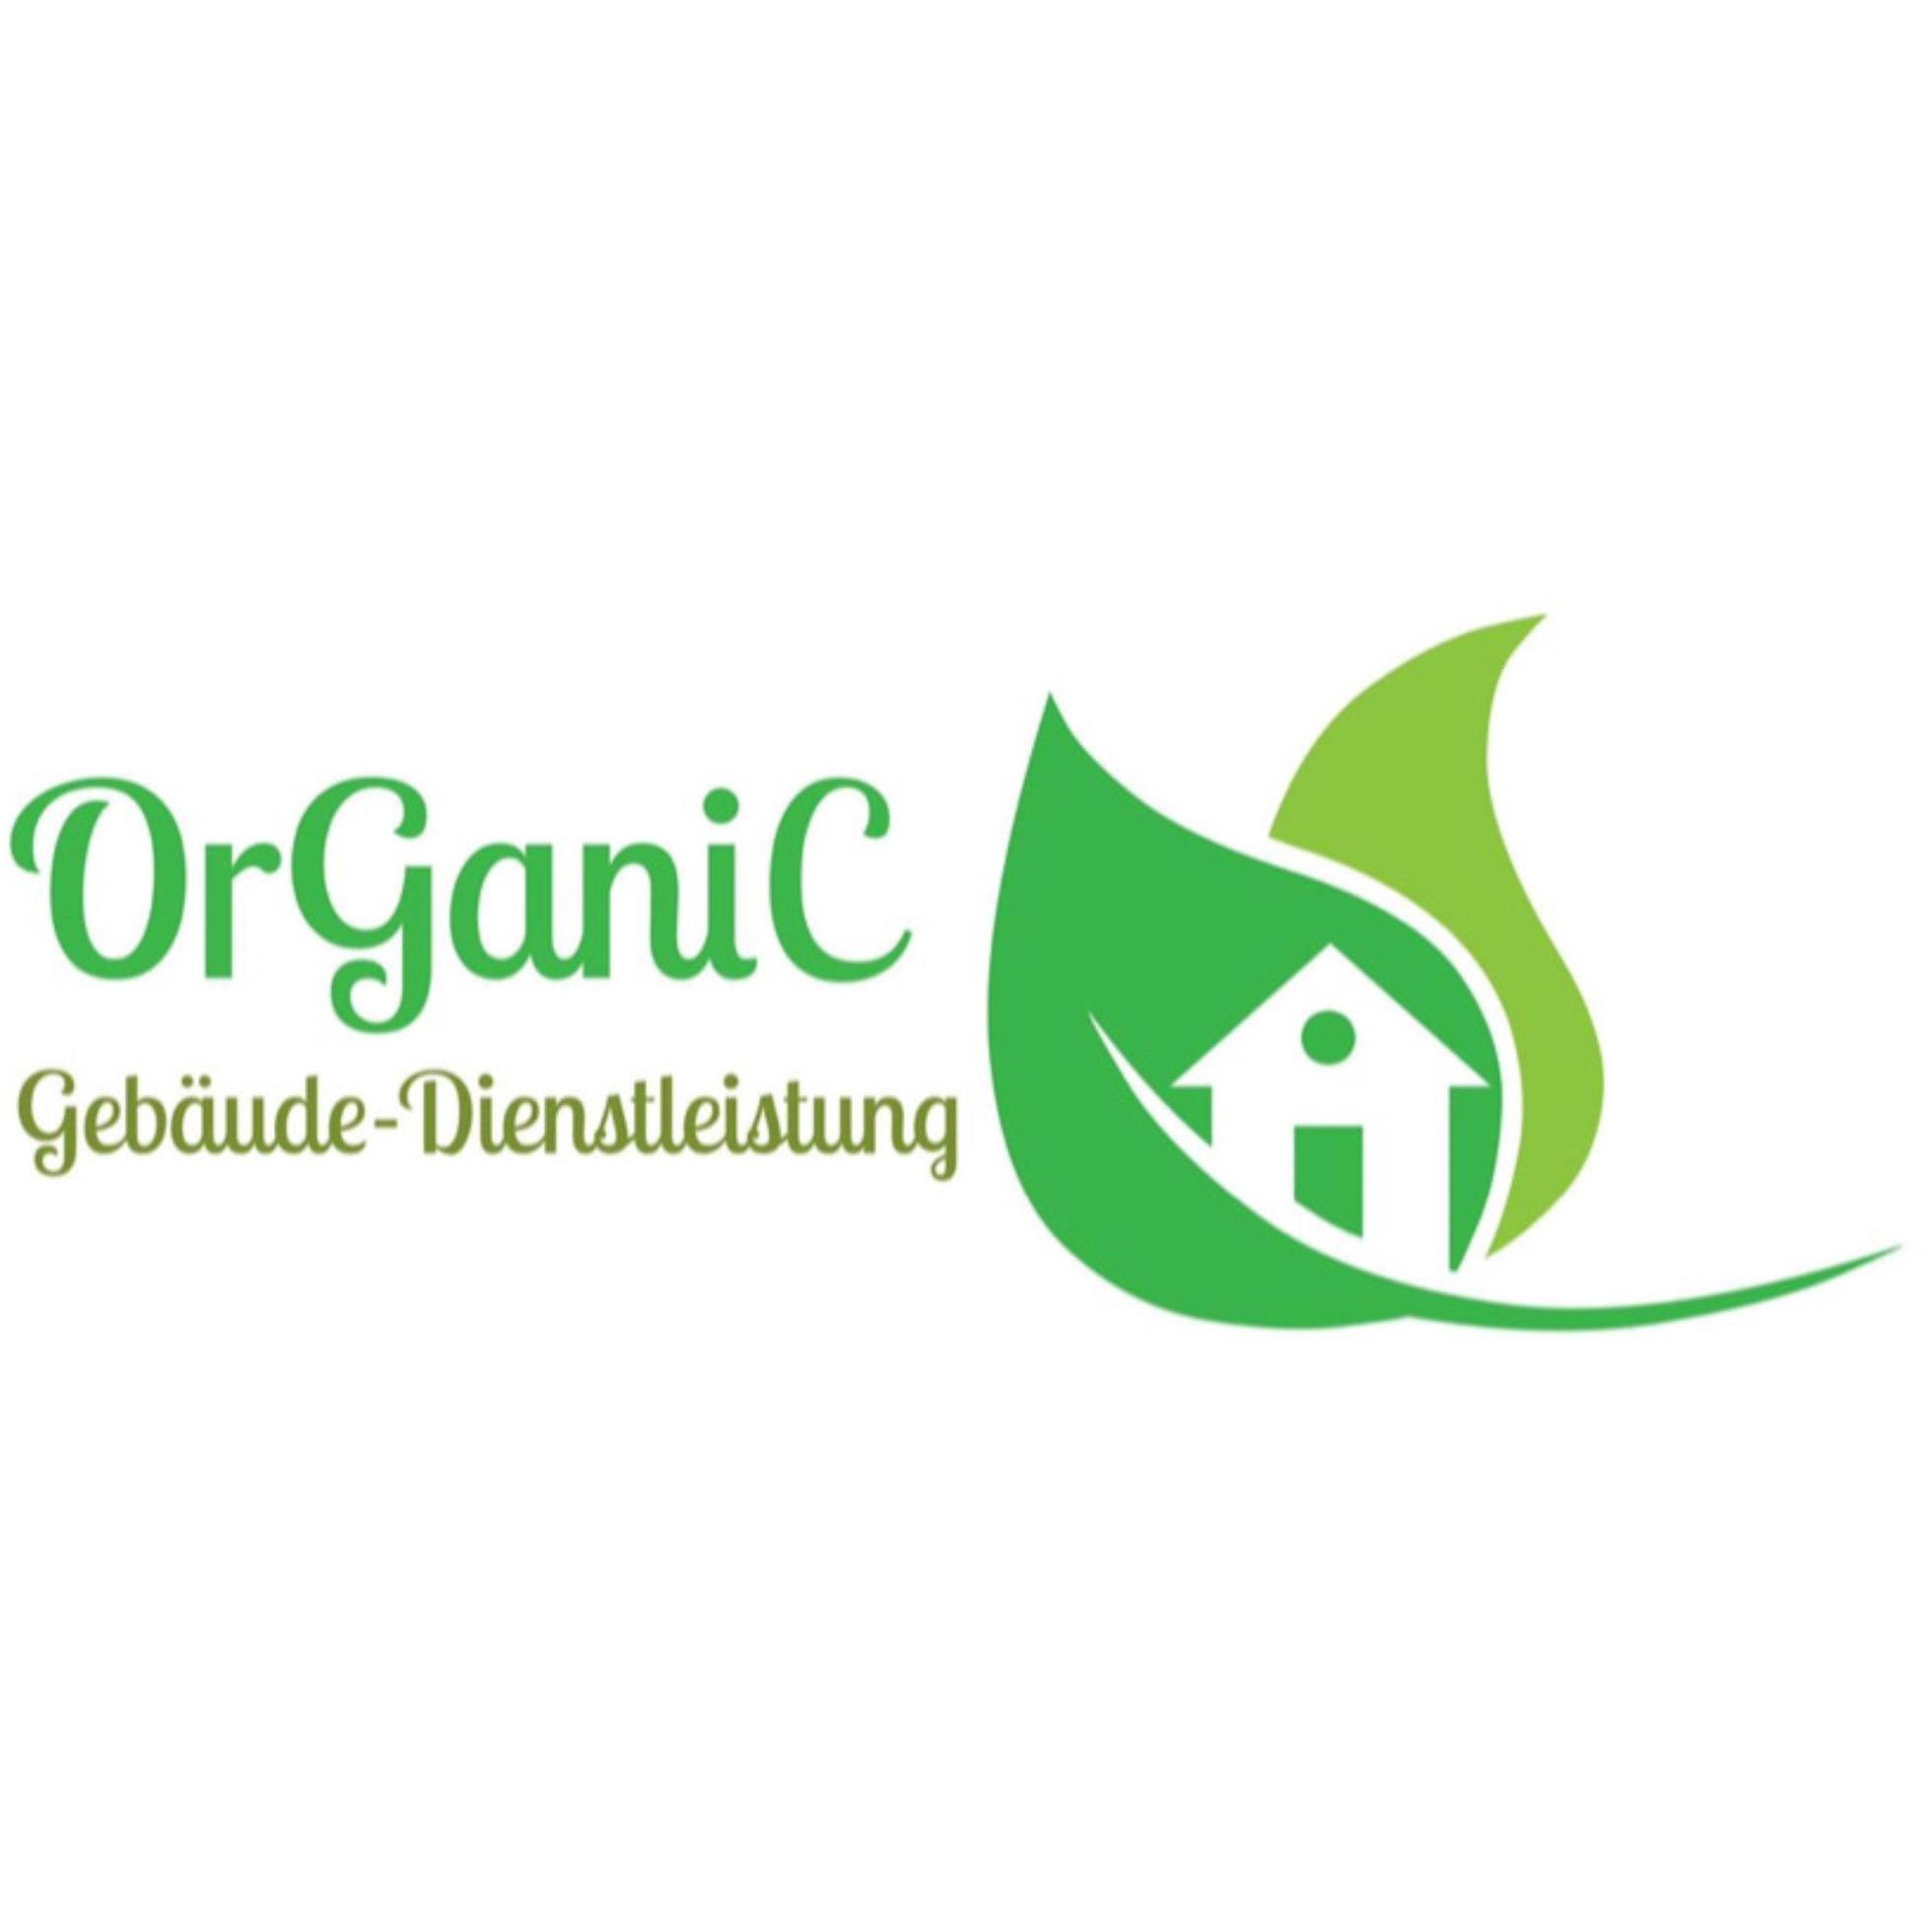 Organic Gebäude-Dienstleitung ist Ihre Gebäudereinigung mit dem Biologischen Hintergrund.  Gebäudereinigung Filderstadt, Gebädeureinigung in meiner Nähe